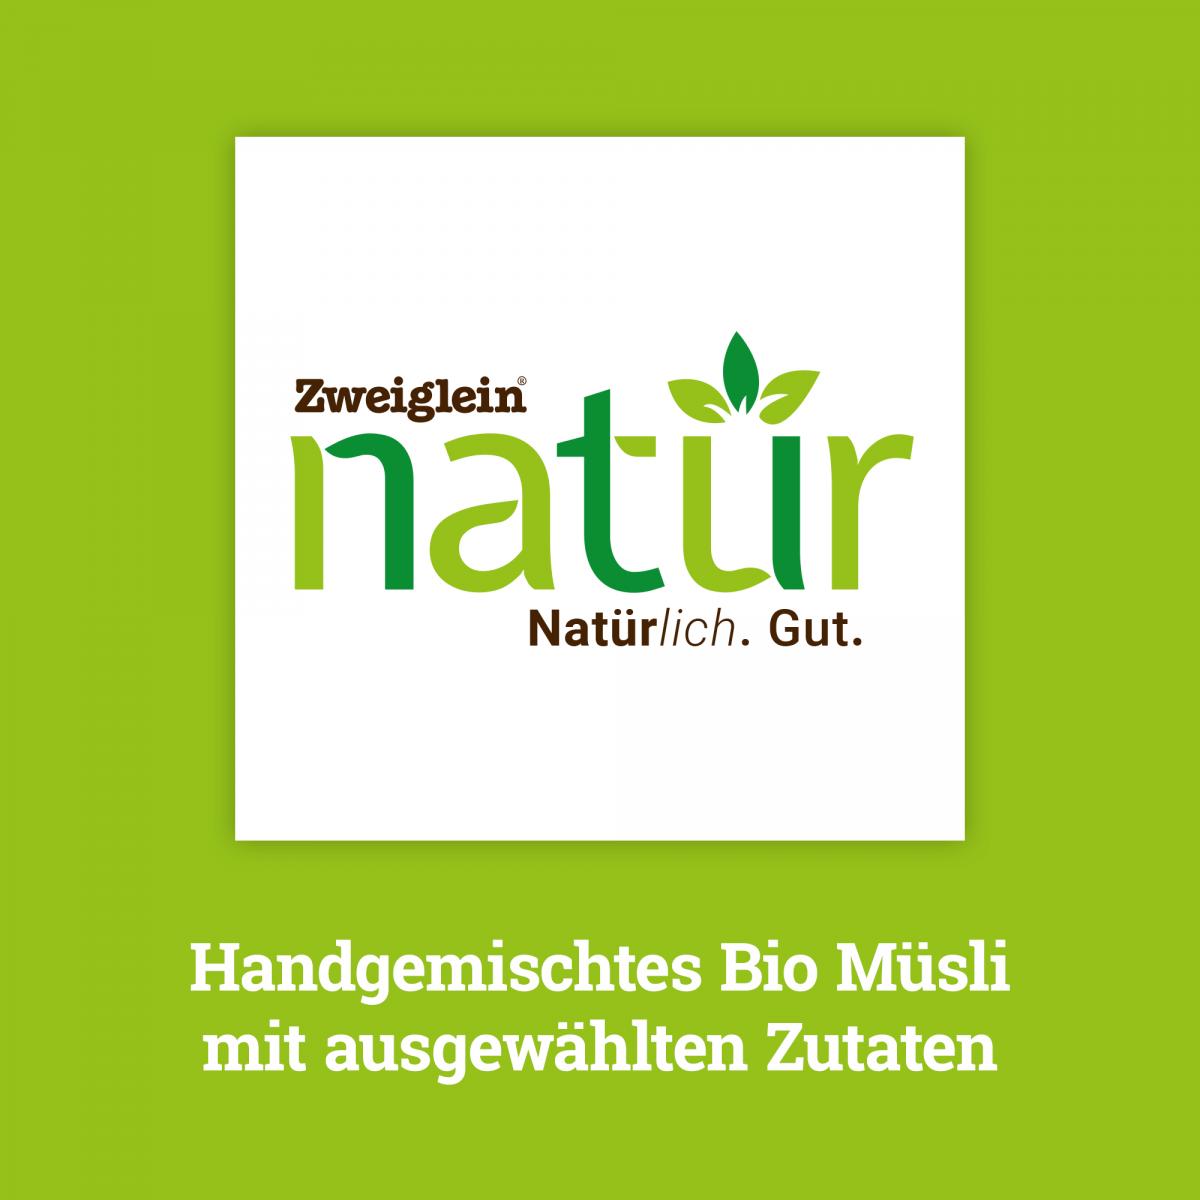 Handgemischtes Zweiglein Natür Bio Müsli